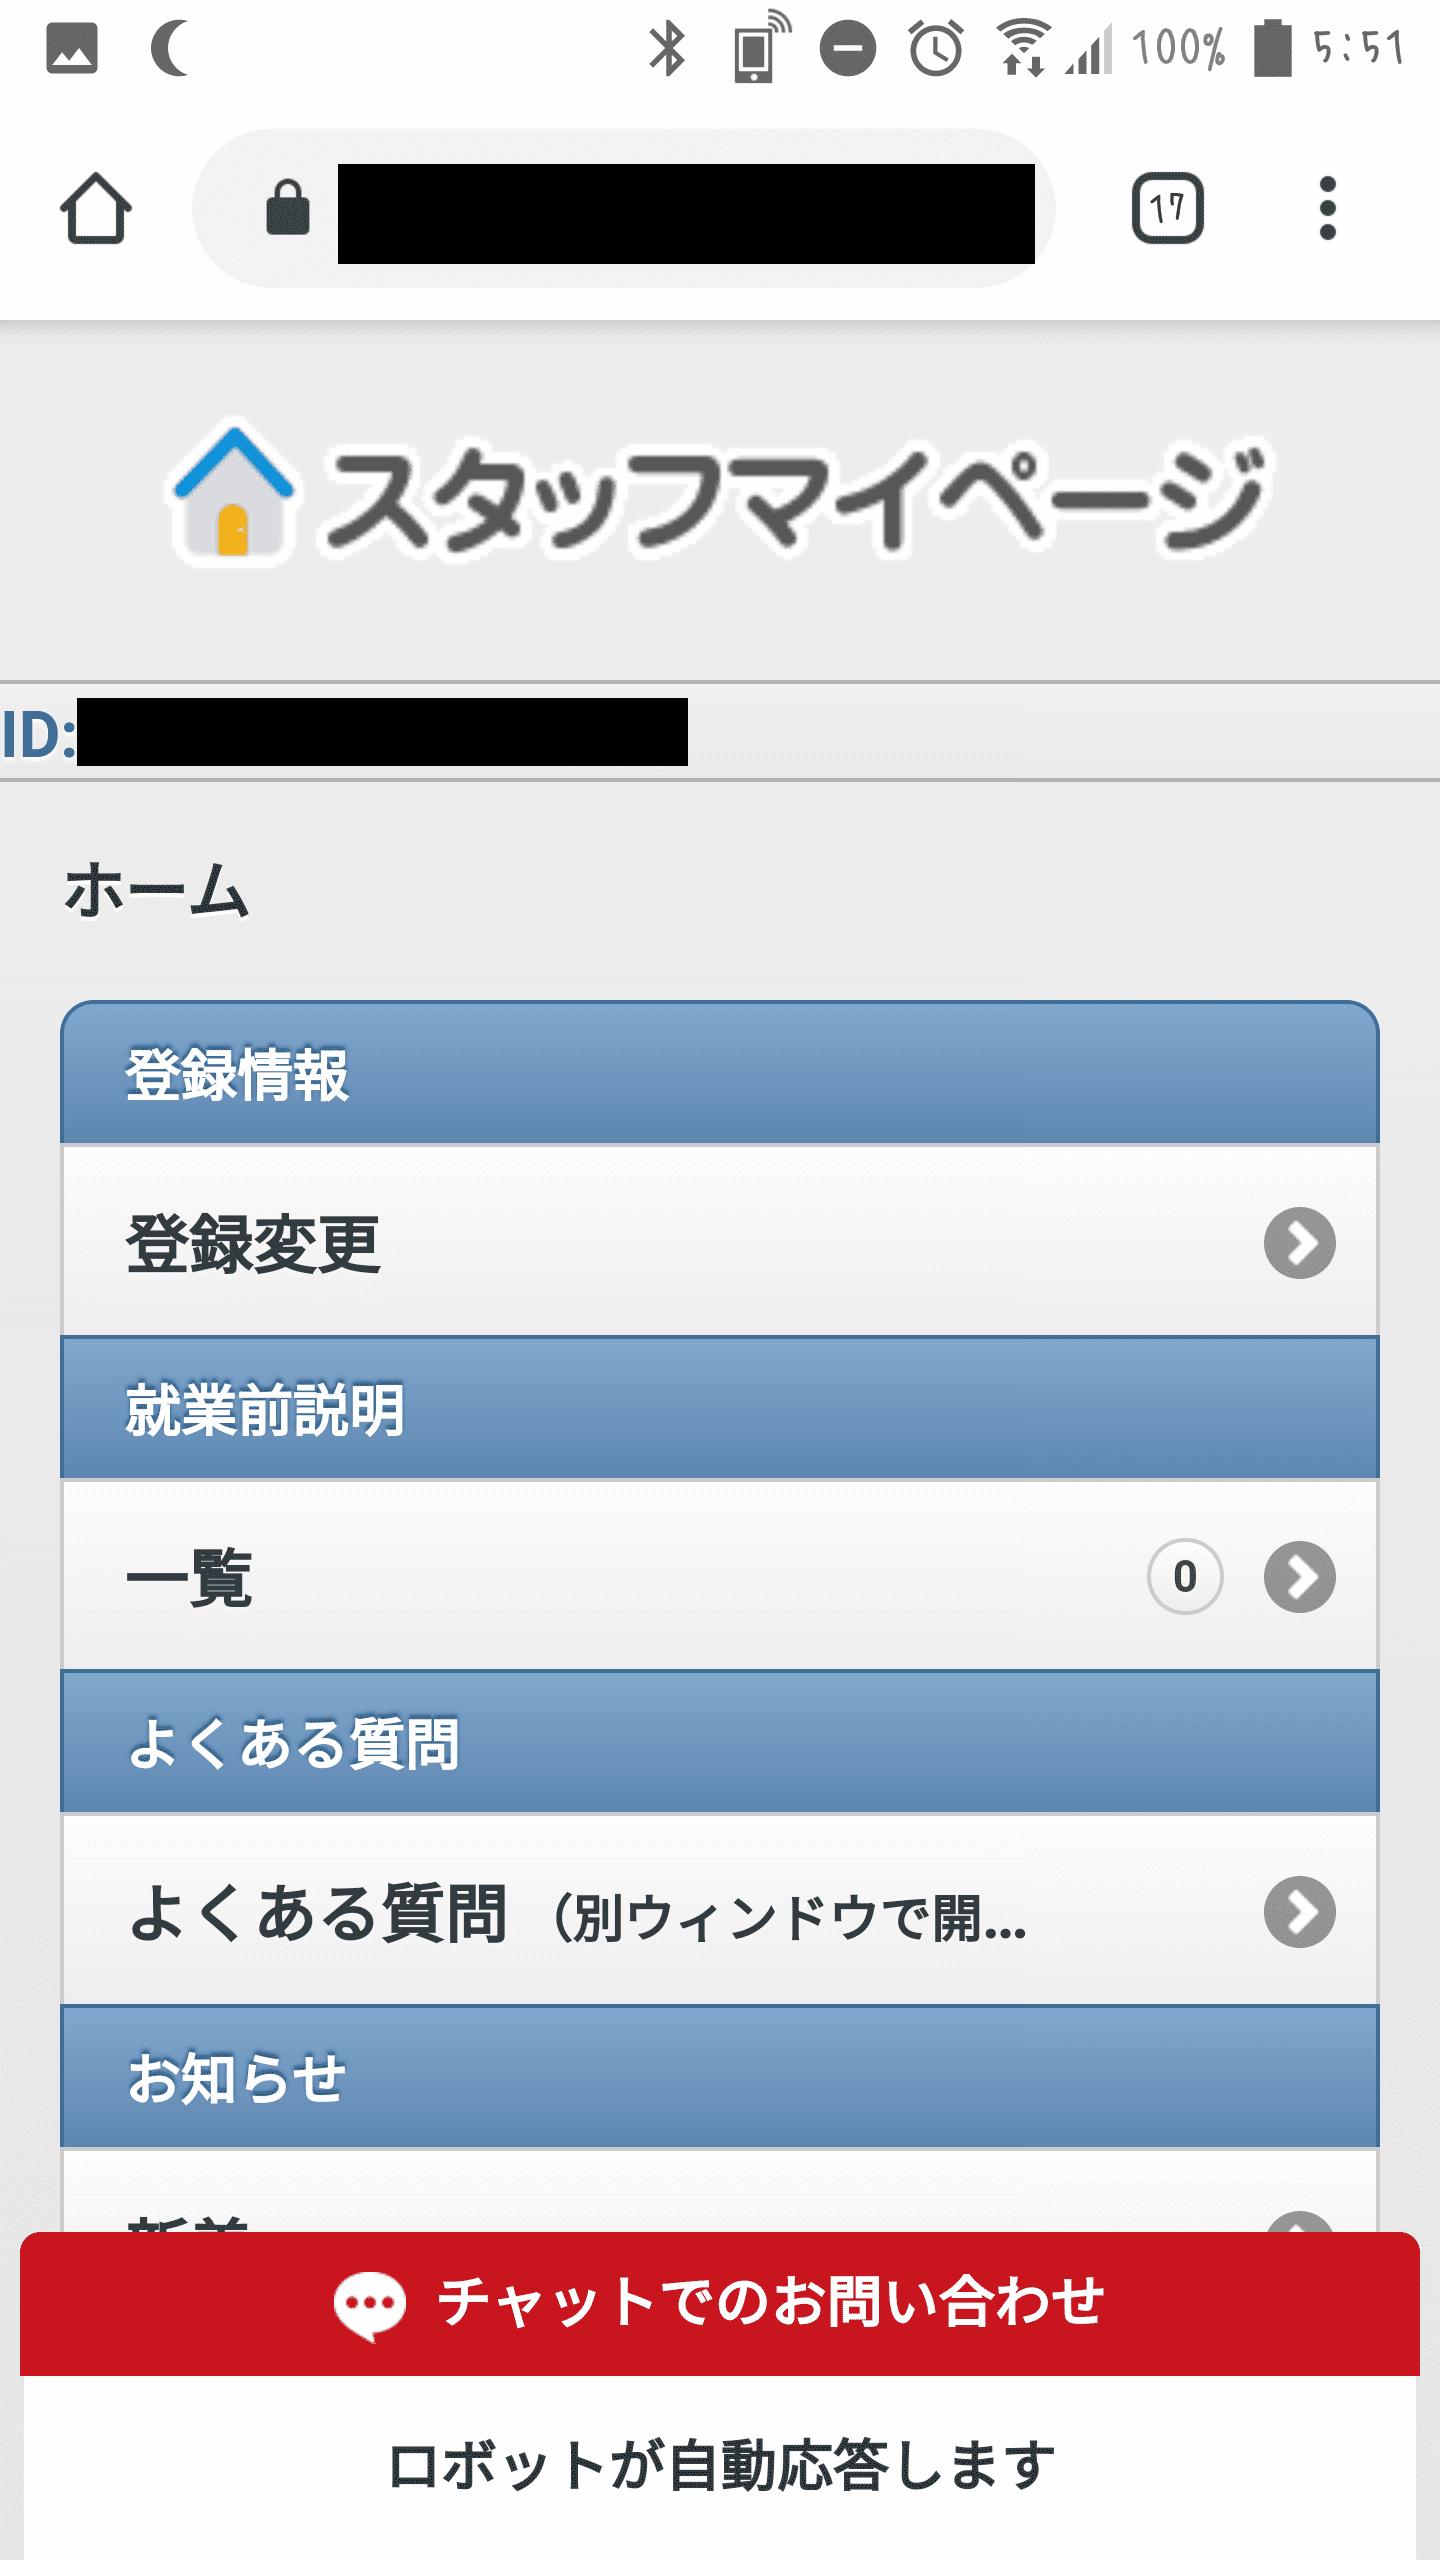 総合キャリアオプション名張